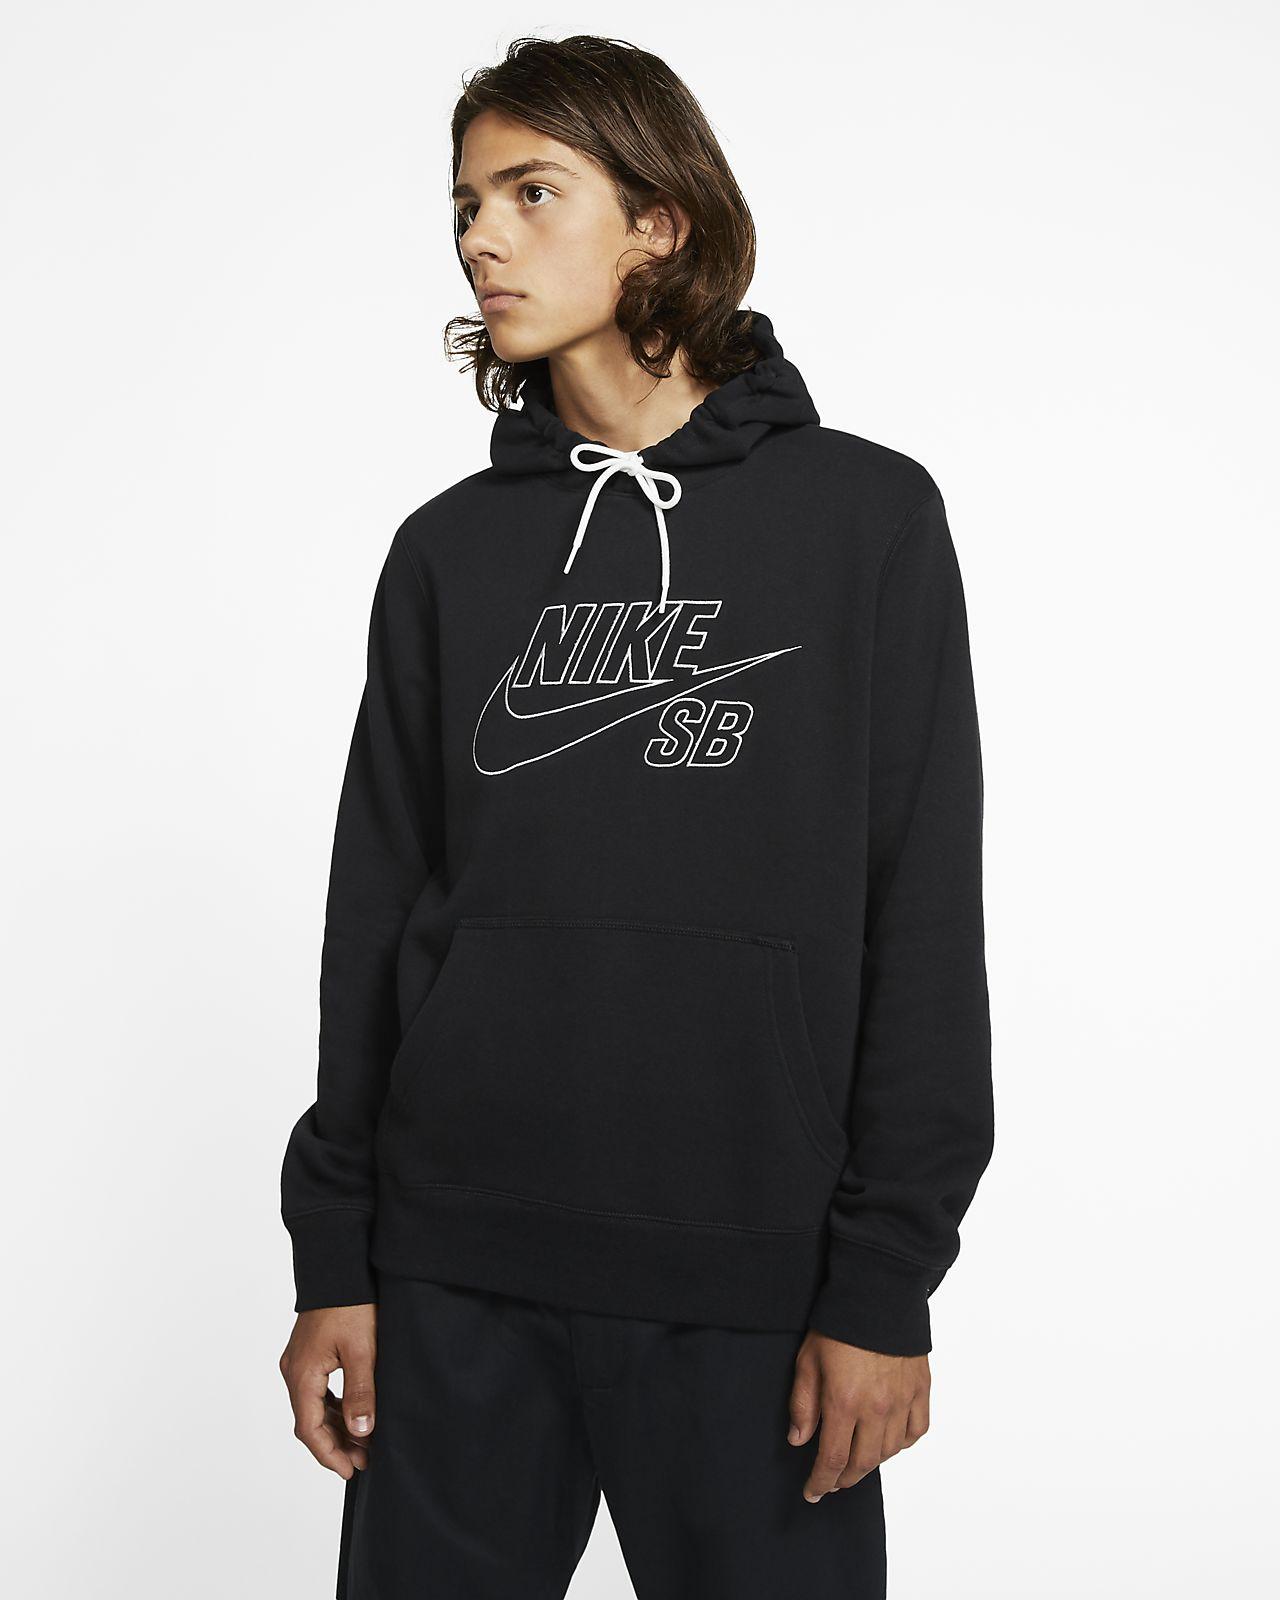 Nike SB Kapüşonlu Kaykay Sweatshirt'ü